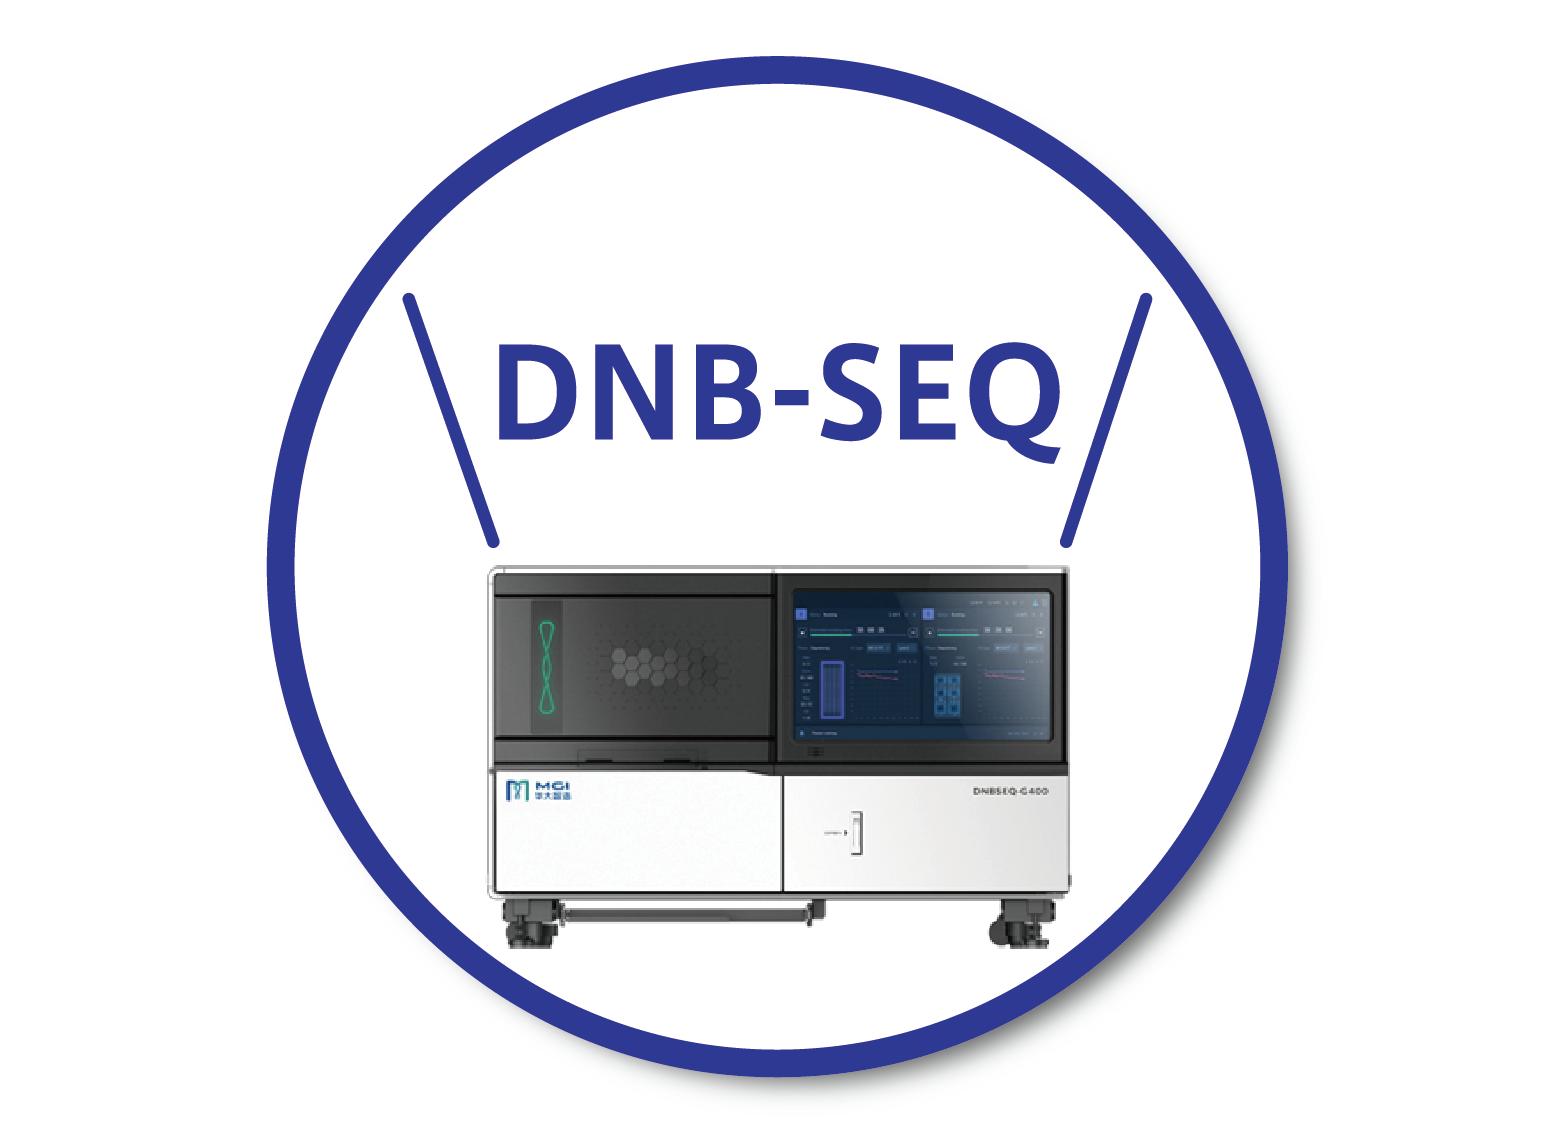 DNB-SEQ